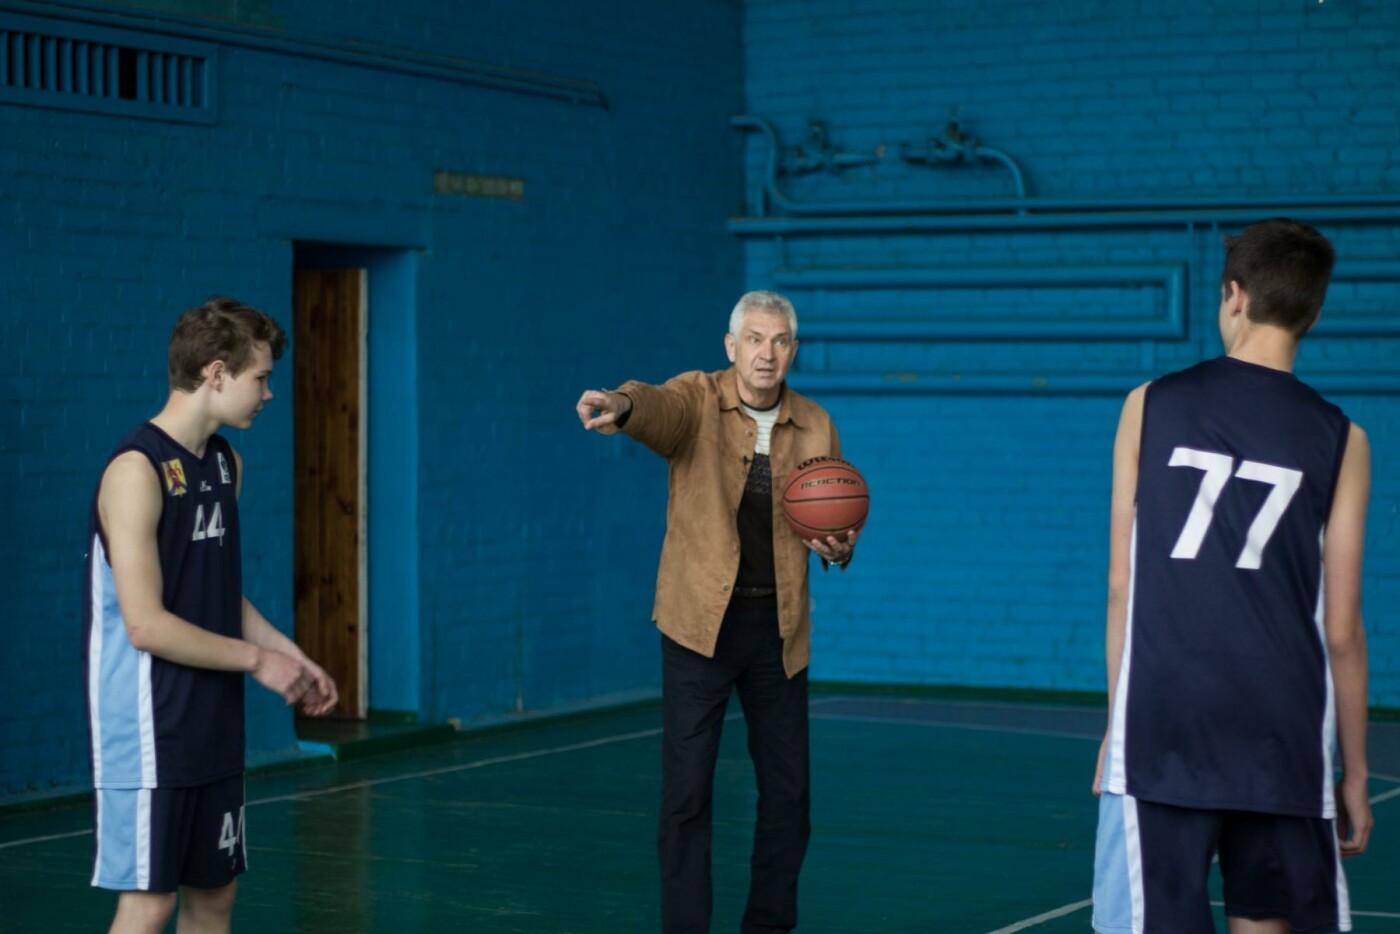 Дружковка: Областной семинар для баскетбольных тренеров провели в спорткомплексе «Грета», фото-2